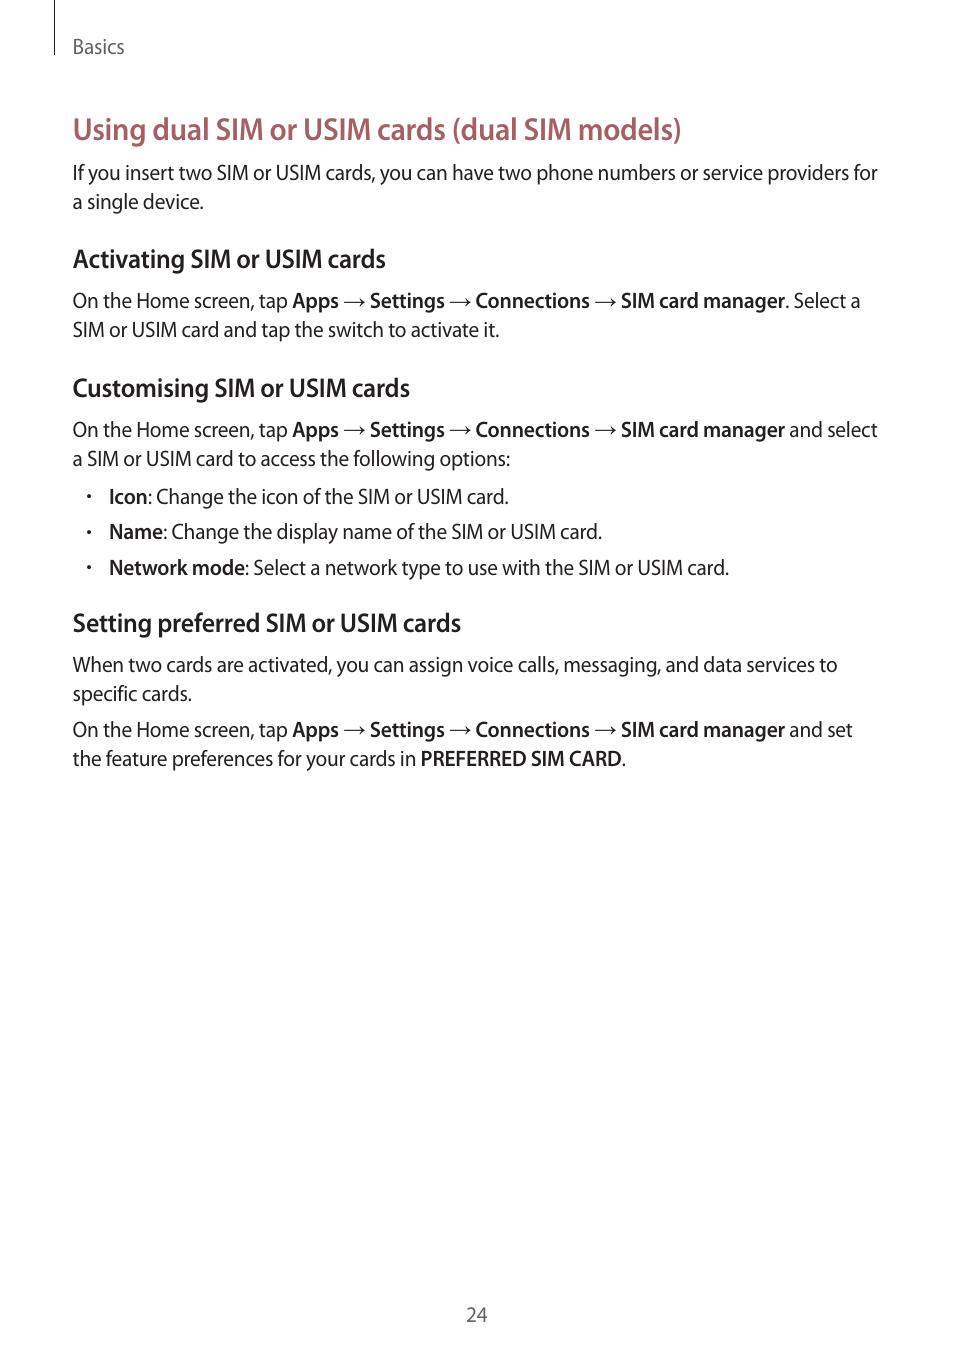 Using dual sim or usim cards (dual sim models), Activating sim or